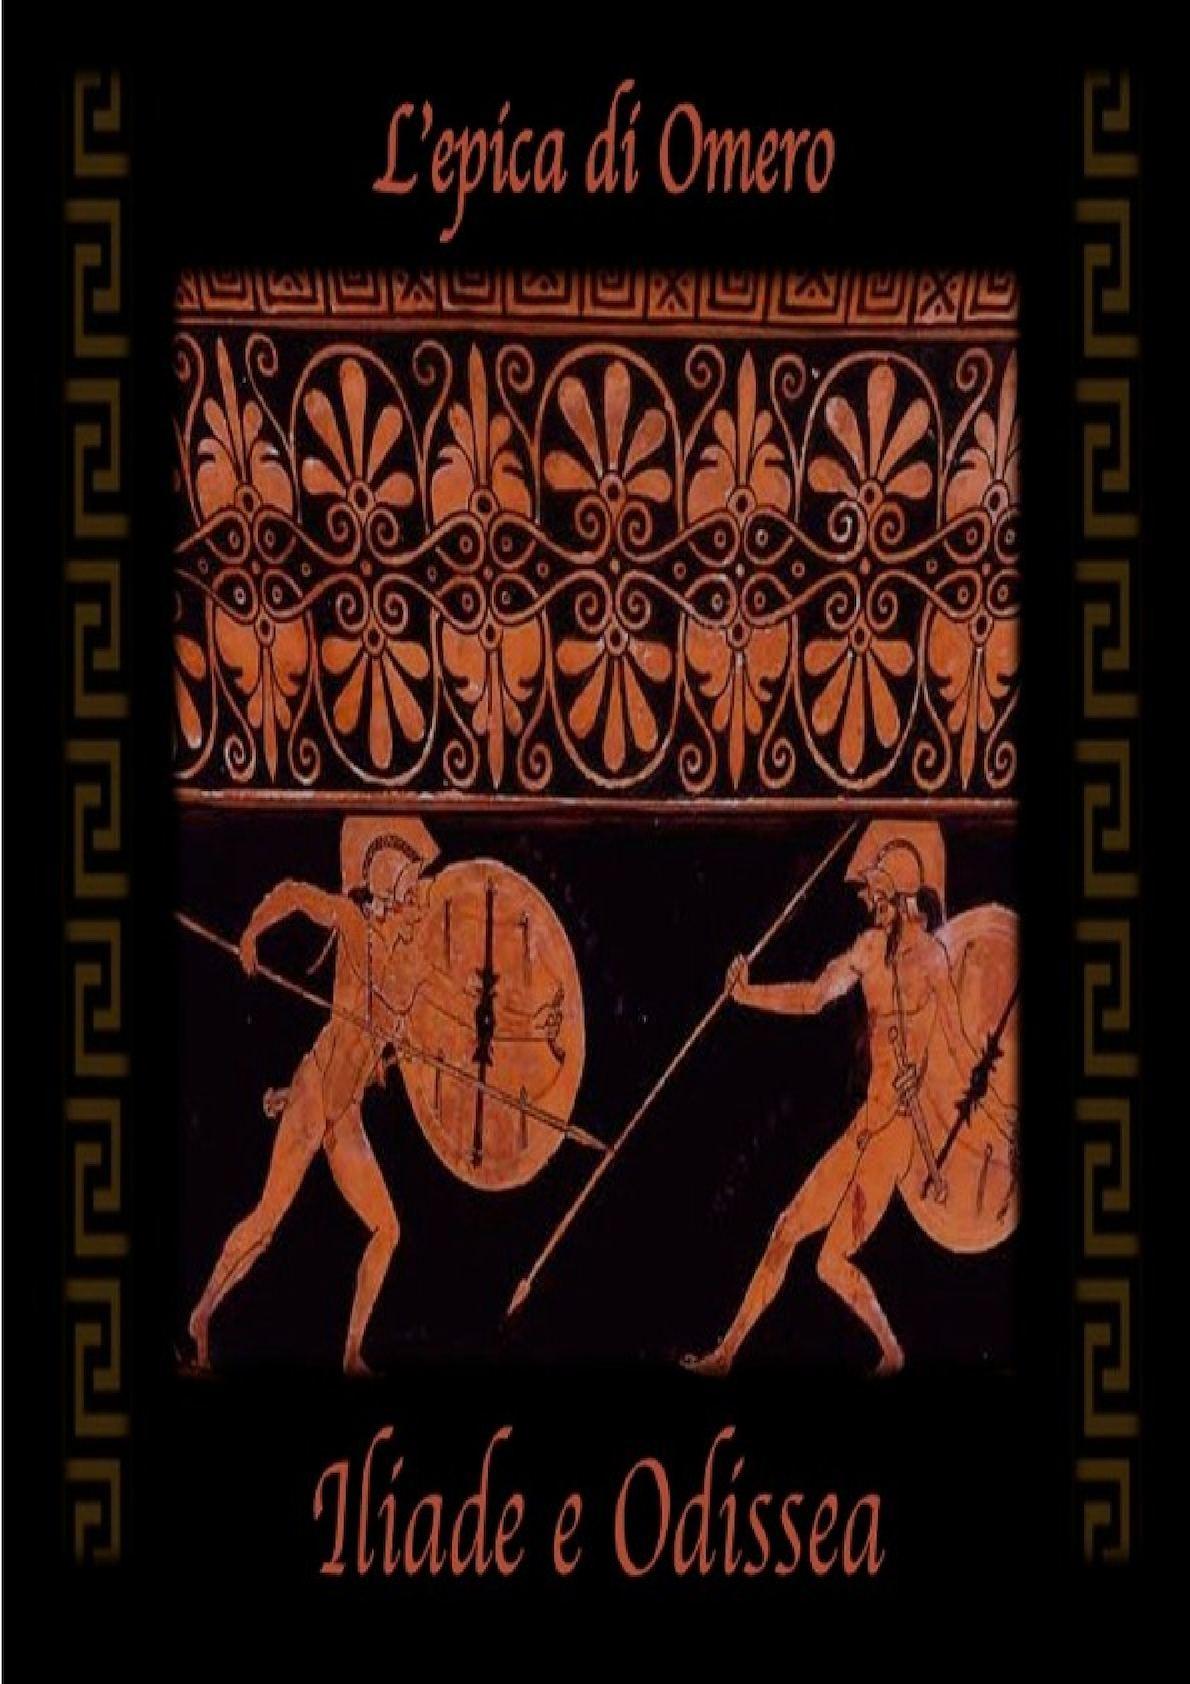 Versione ulisse e il ciclope polifemo latino dating